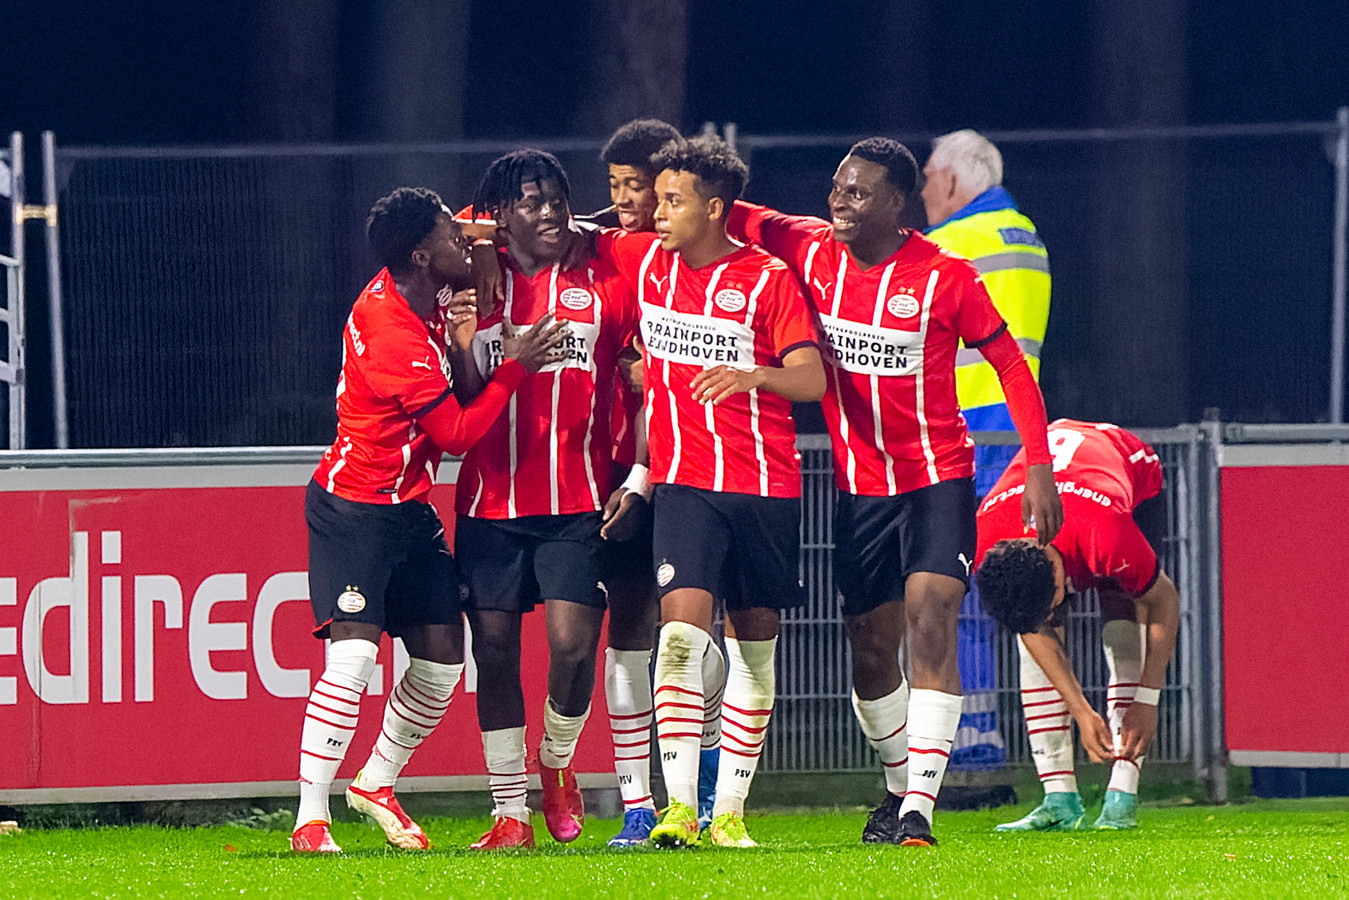 Jong PSV speelde een sterke tweede helft tegen Jong Ajax en won met 3-1.